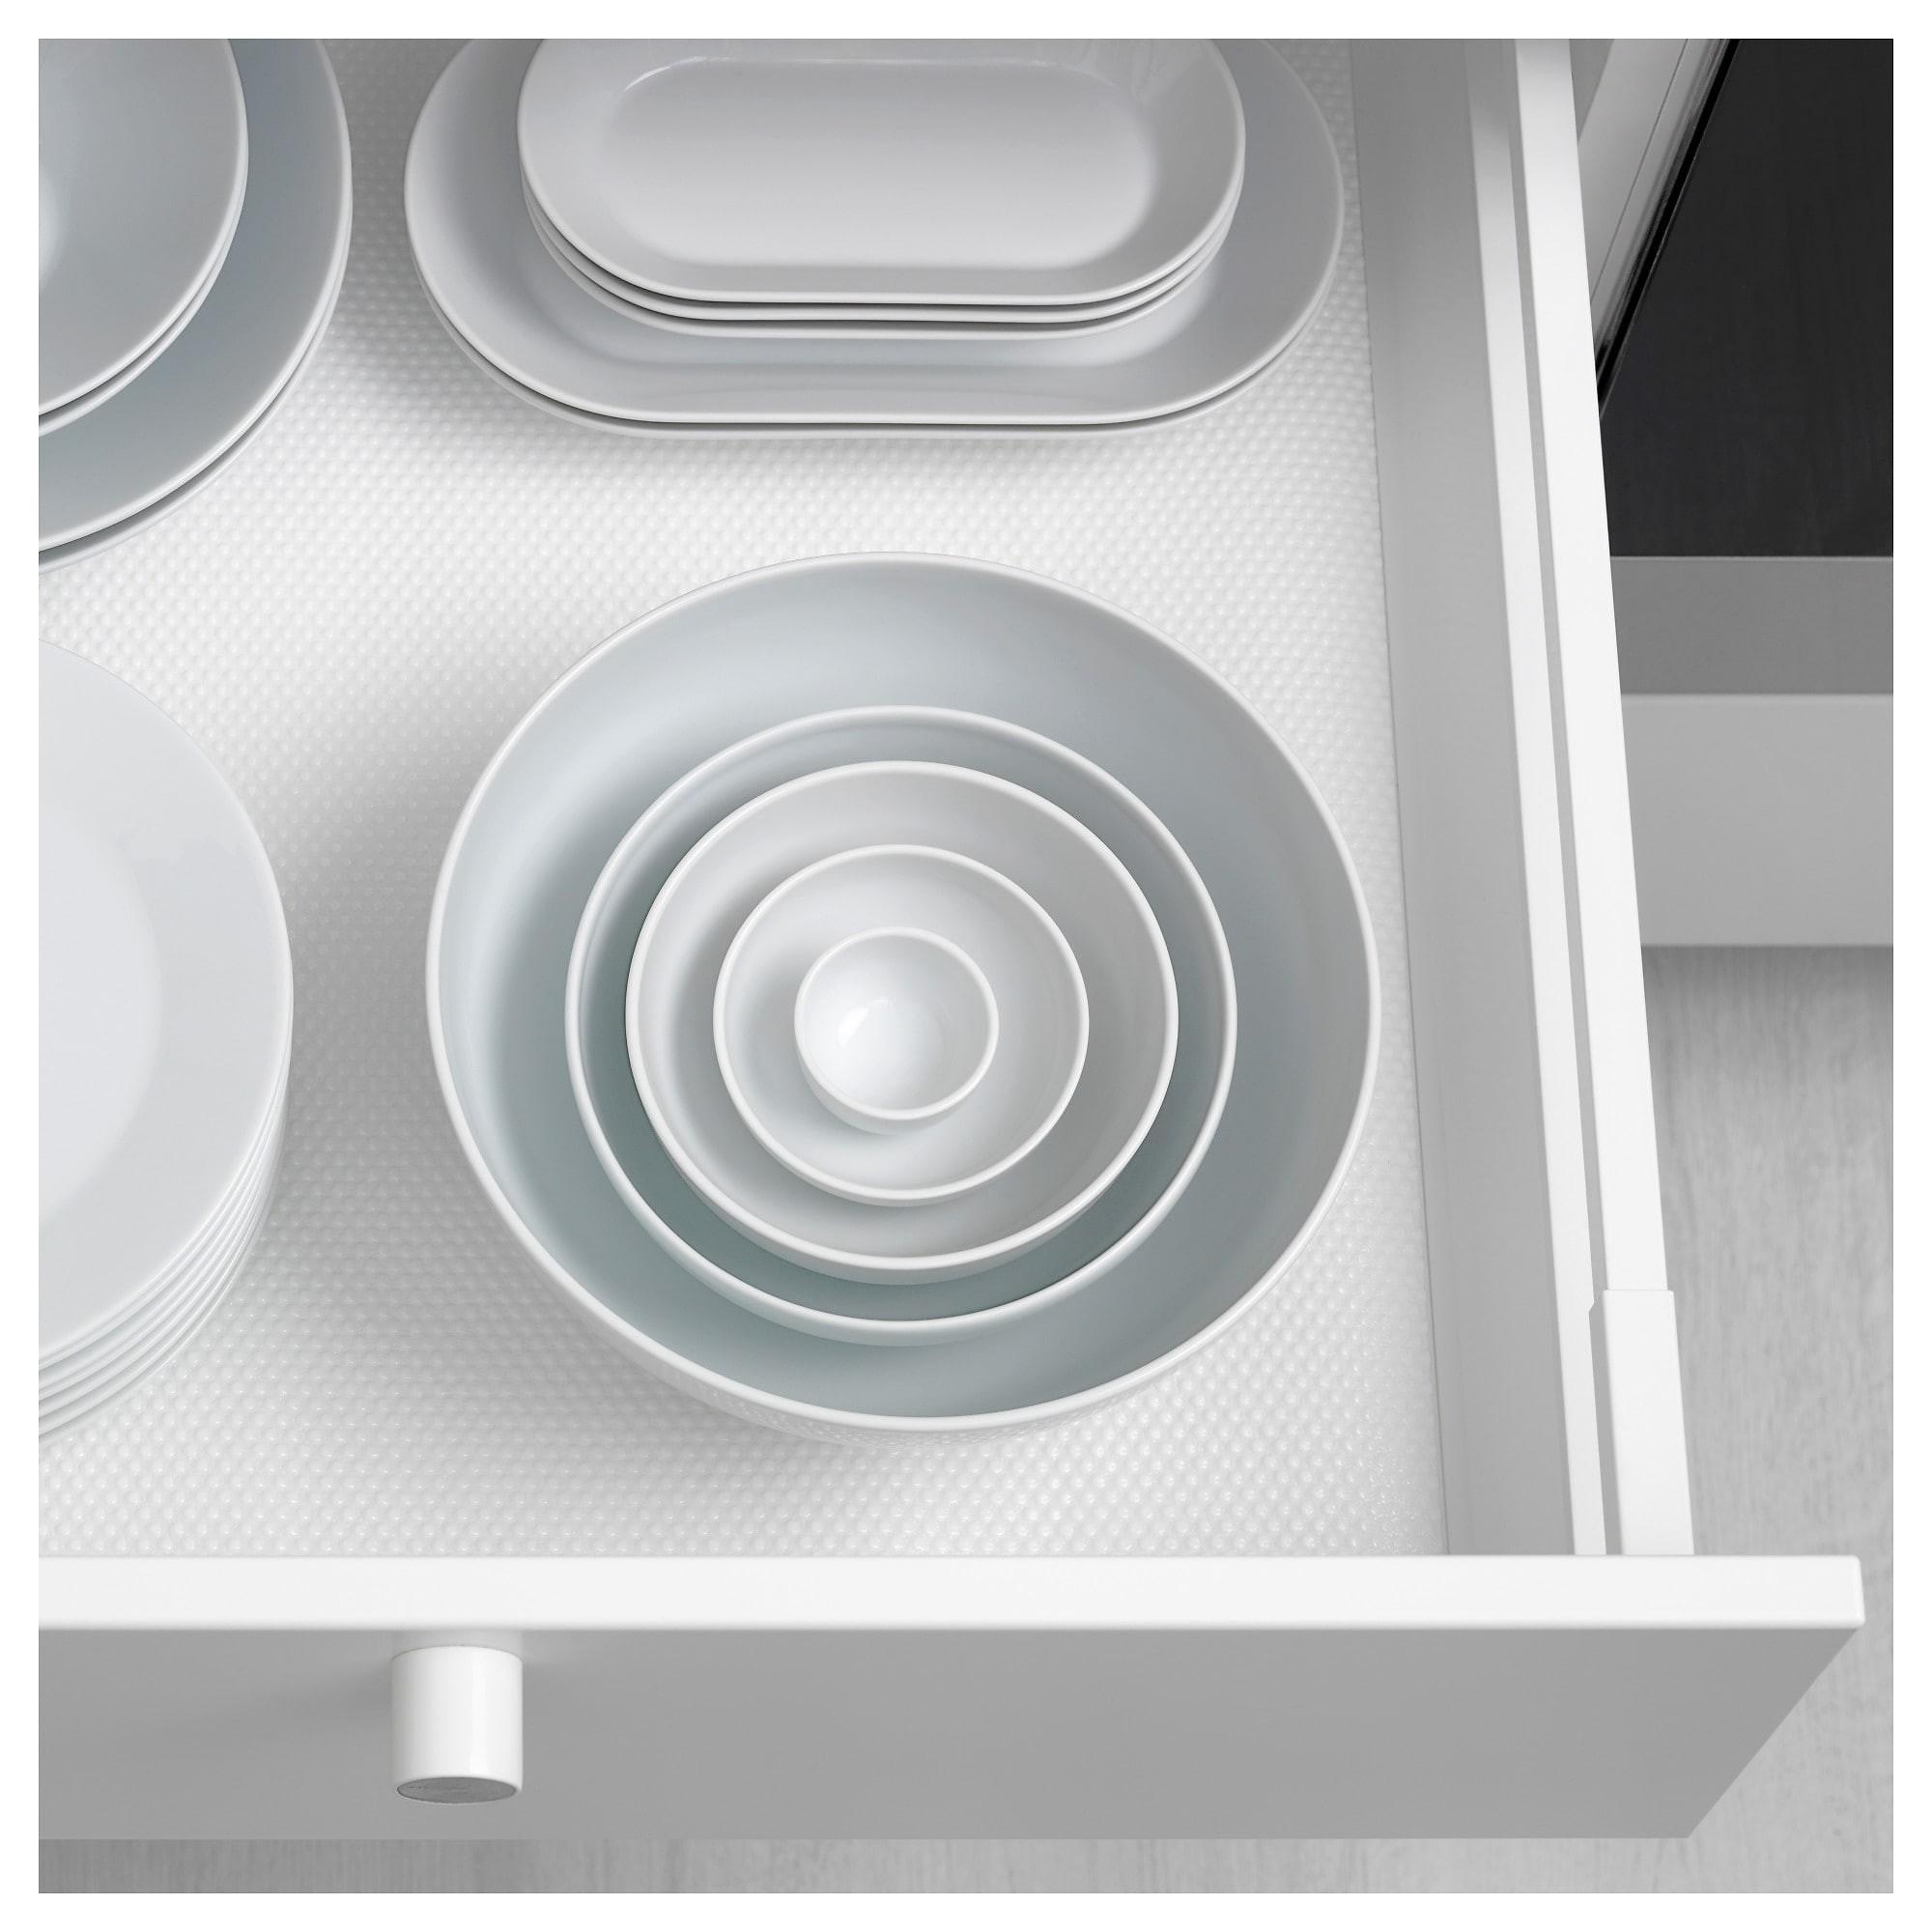 ИКЕА/365+ Миска с округлыми стенками белый,16 см